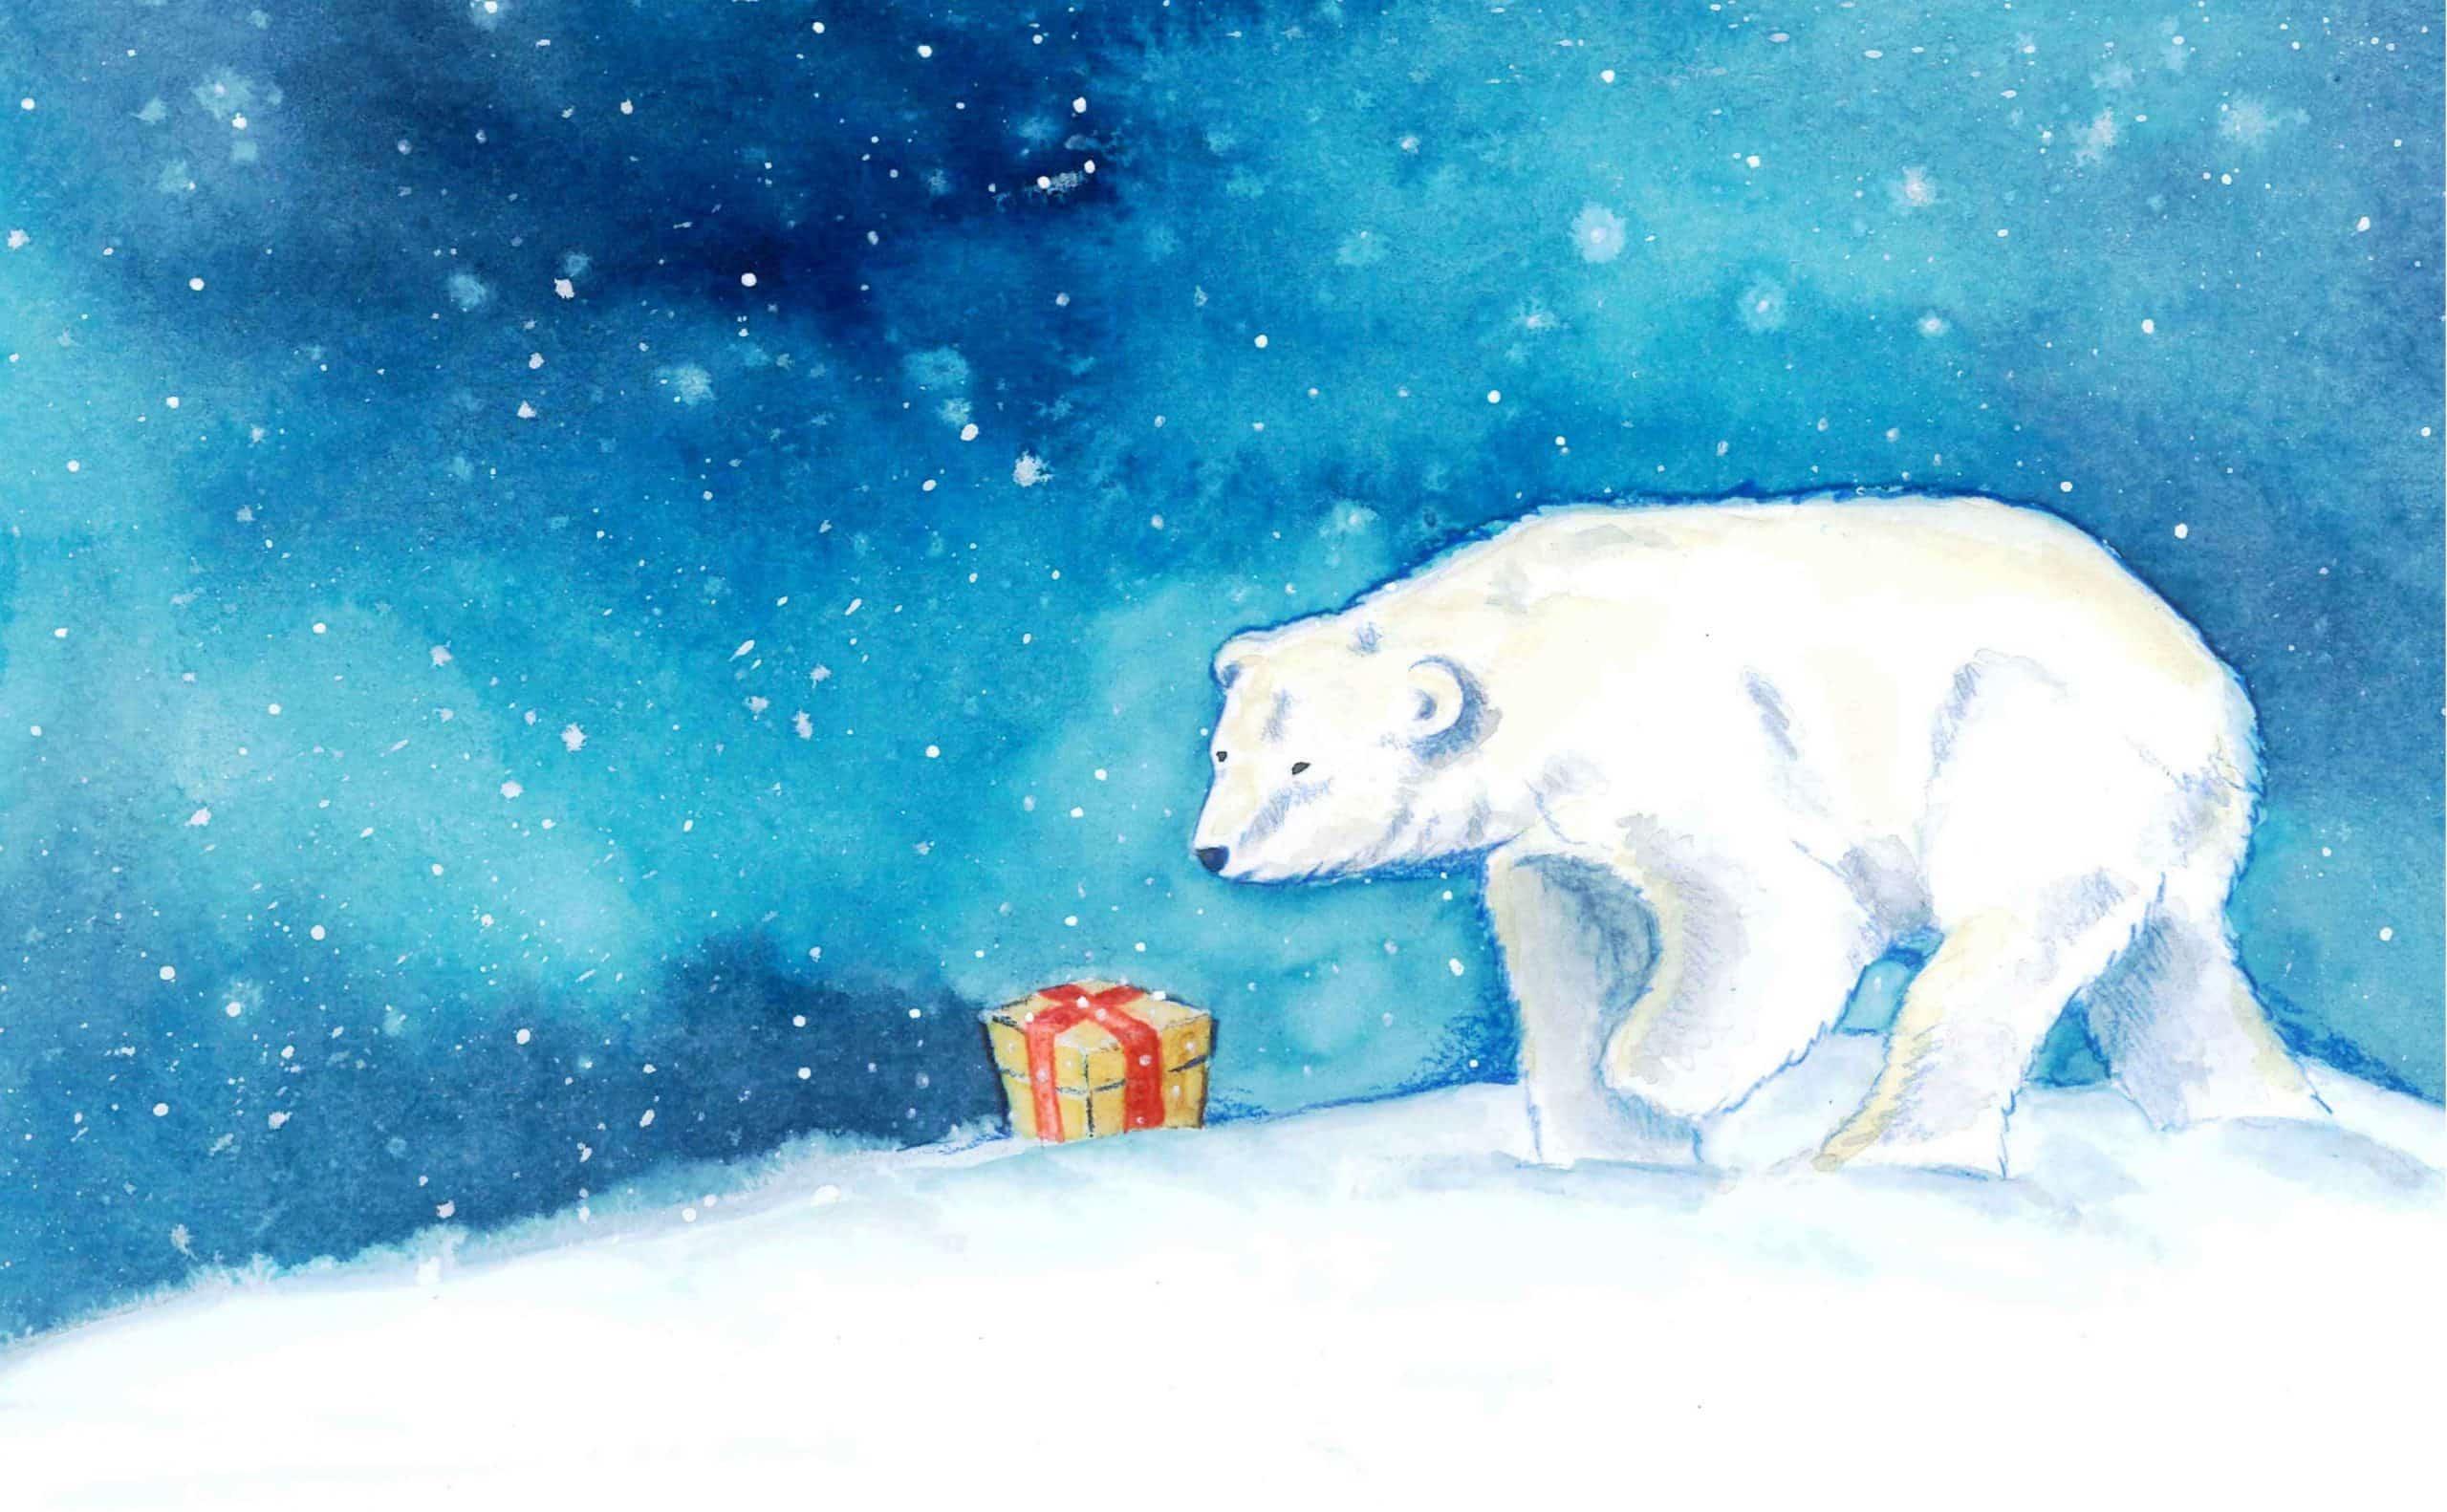 Weihnachtsgedichte Für Kinder • Weihnachtsgedichte • Briefeguru bei Weihnachtsgedichte Für Kinder